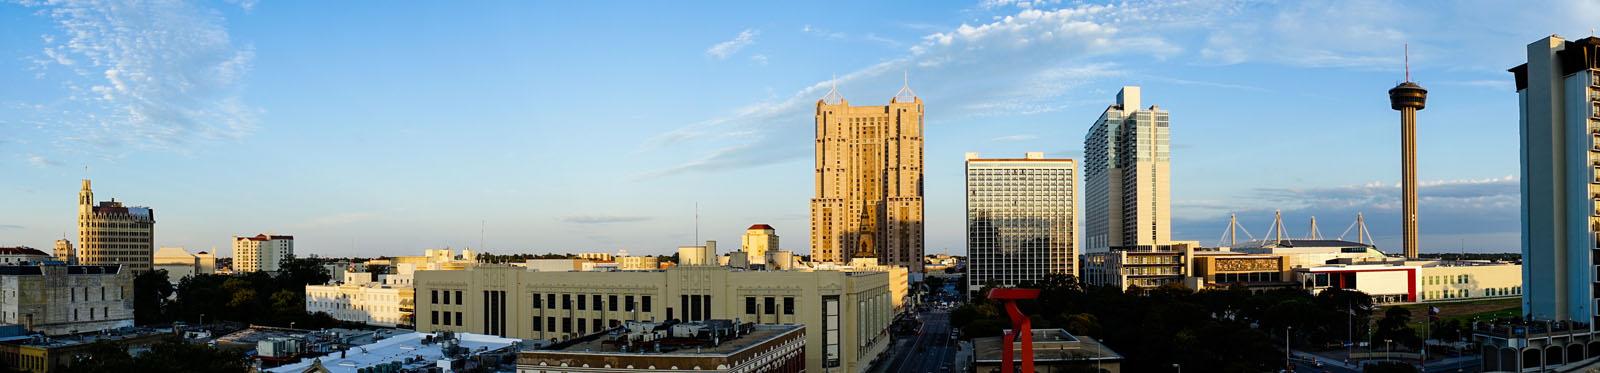 San Antonio 2